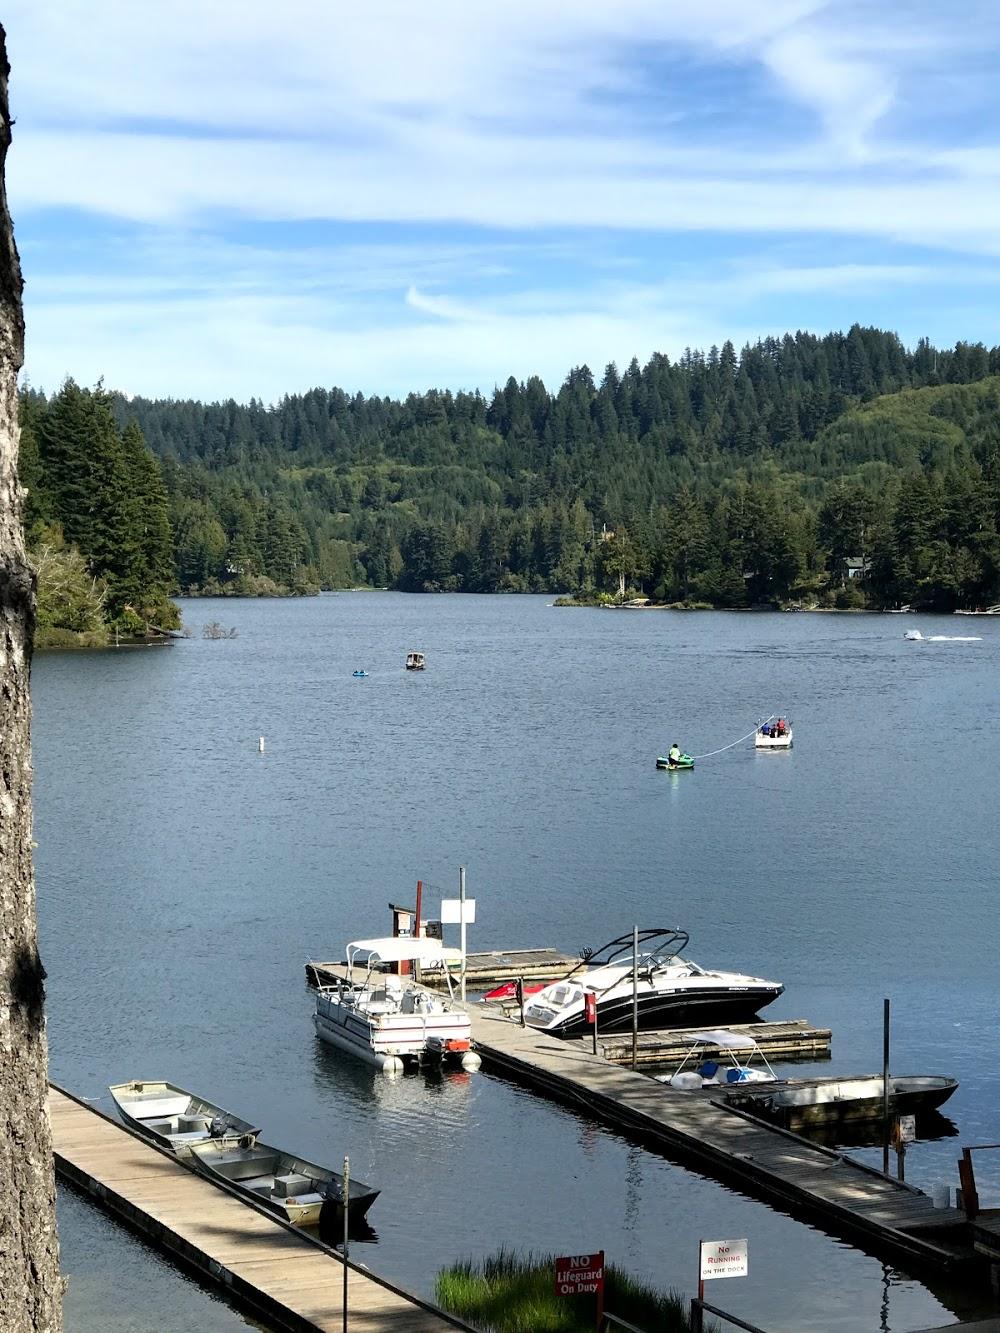 Mercer Lake Resort